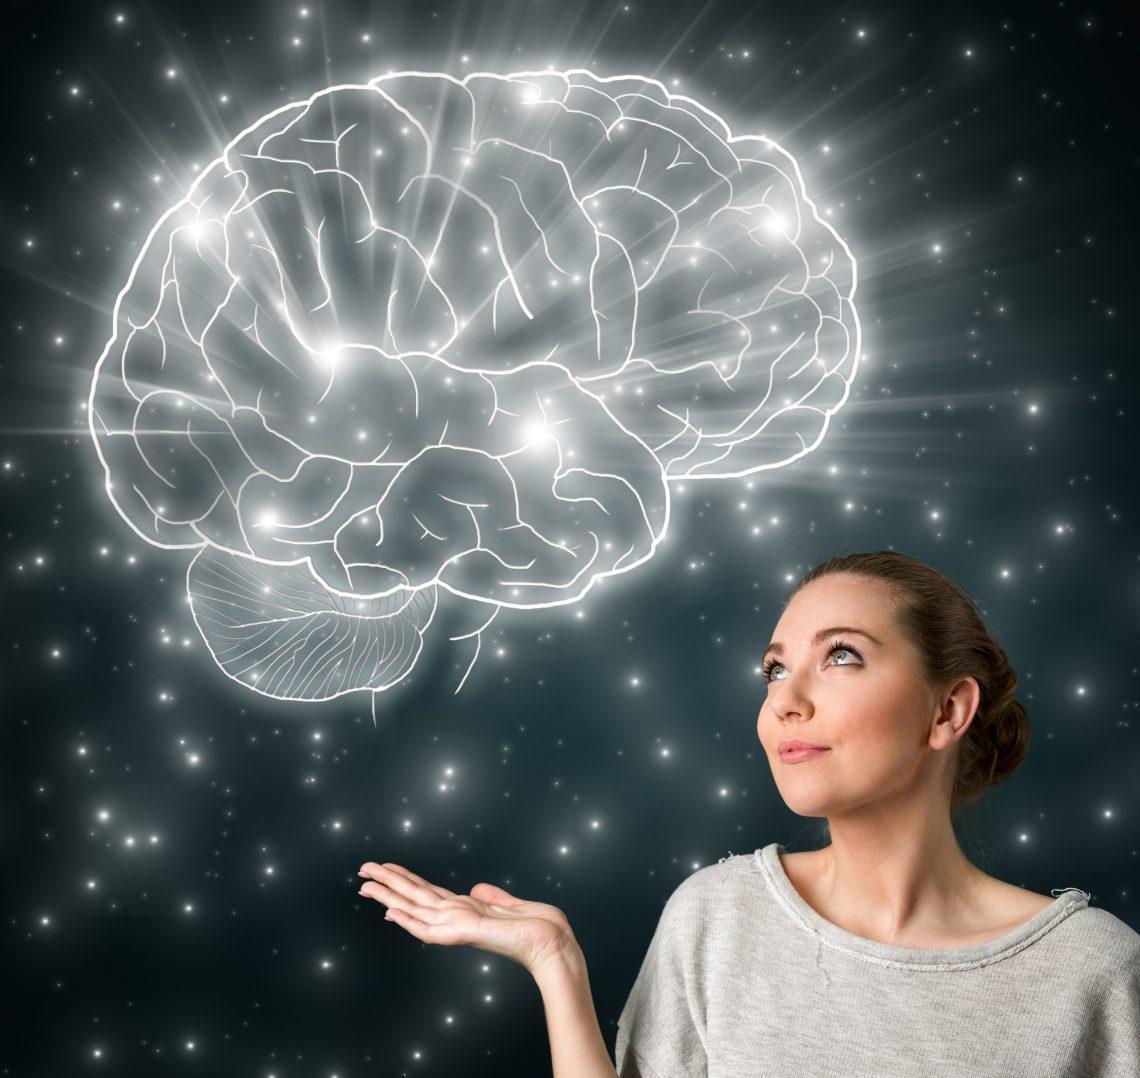 картинка светящийся мозг рейс, при